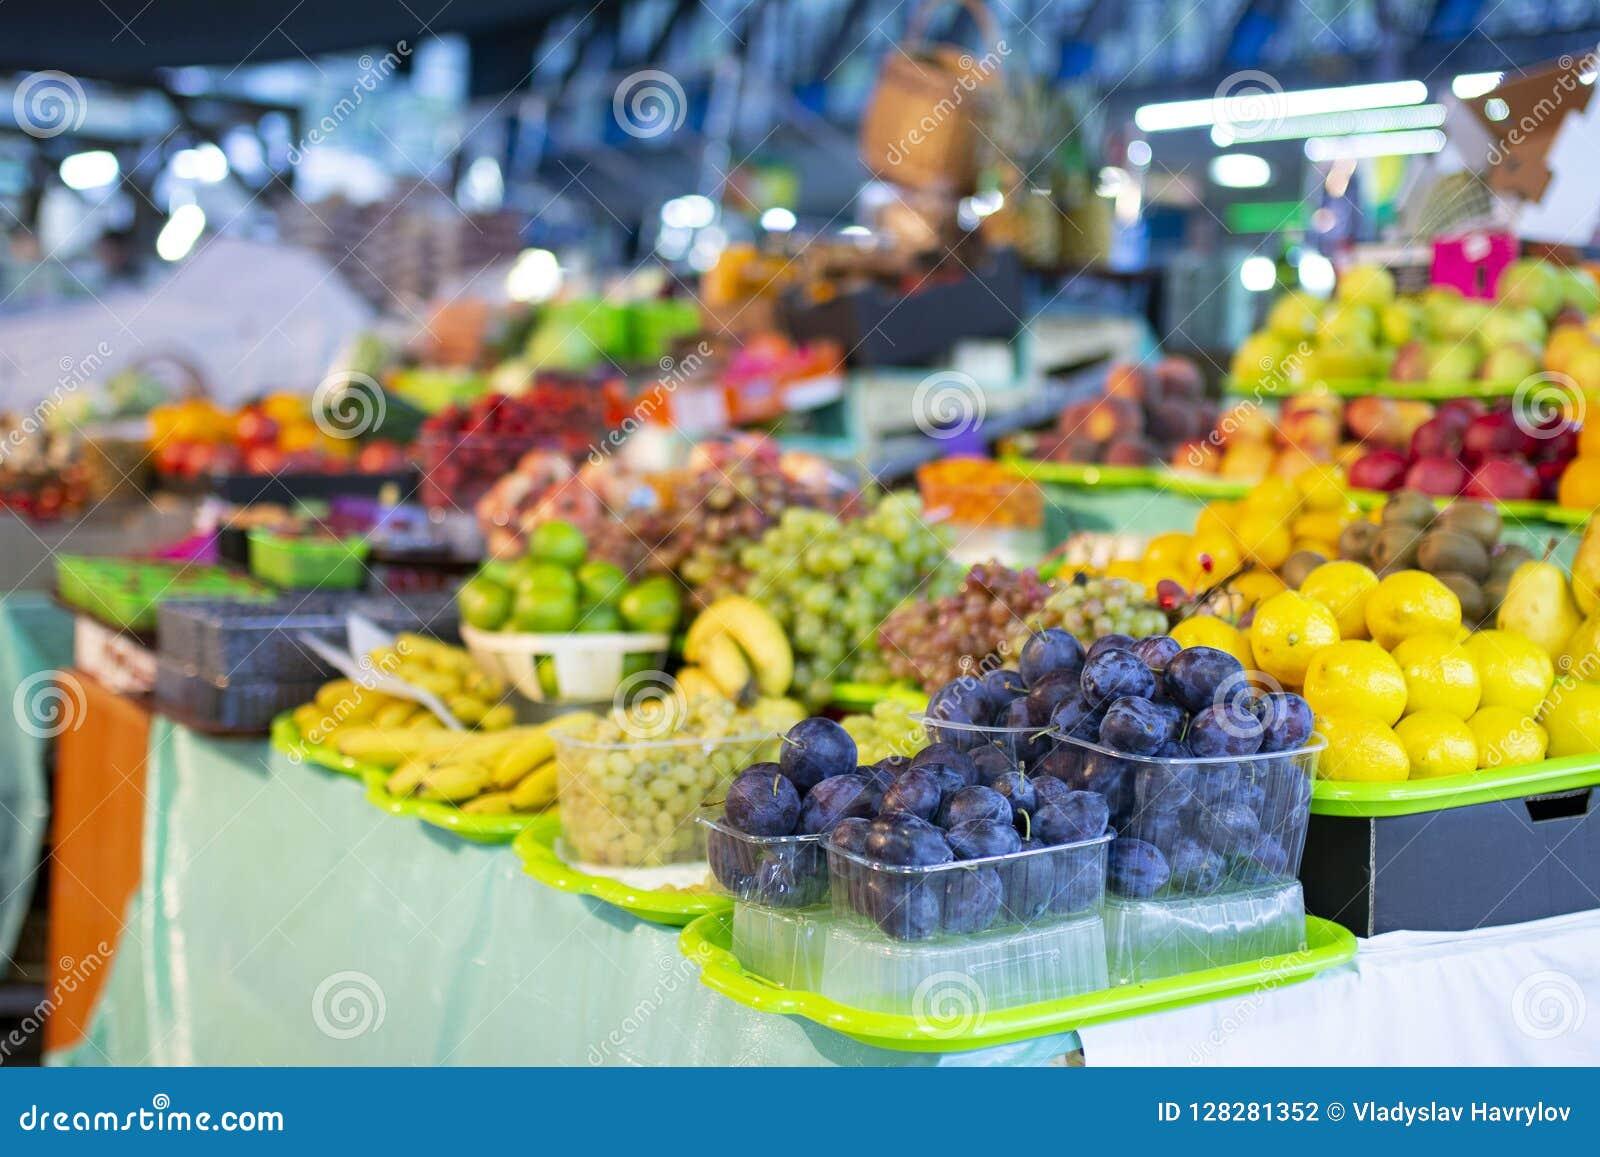 Olika sorter av nya frukter på marknaden